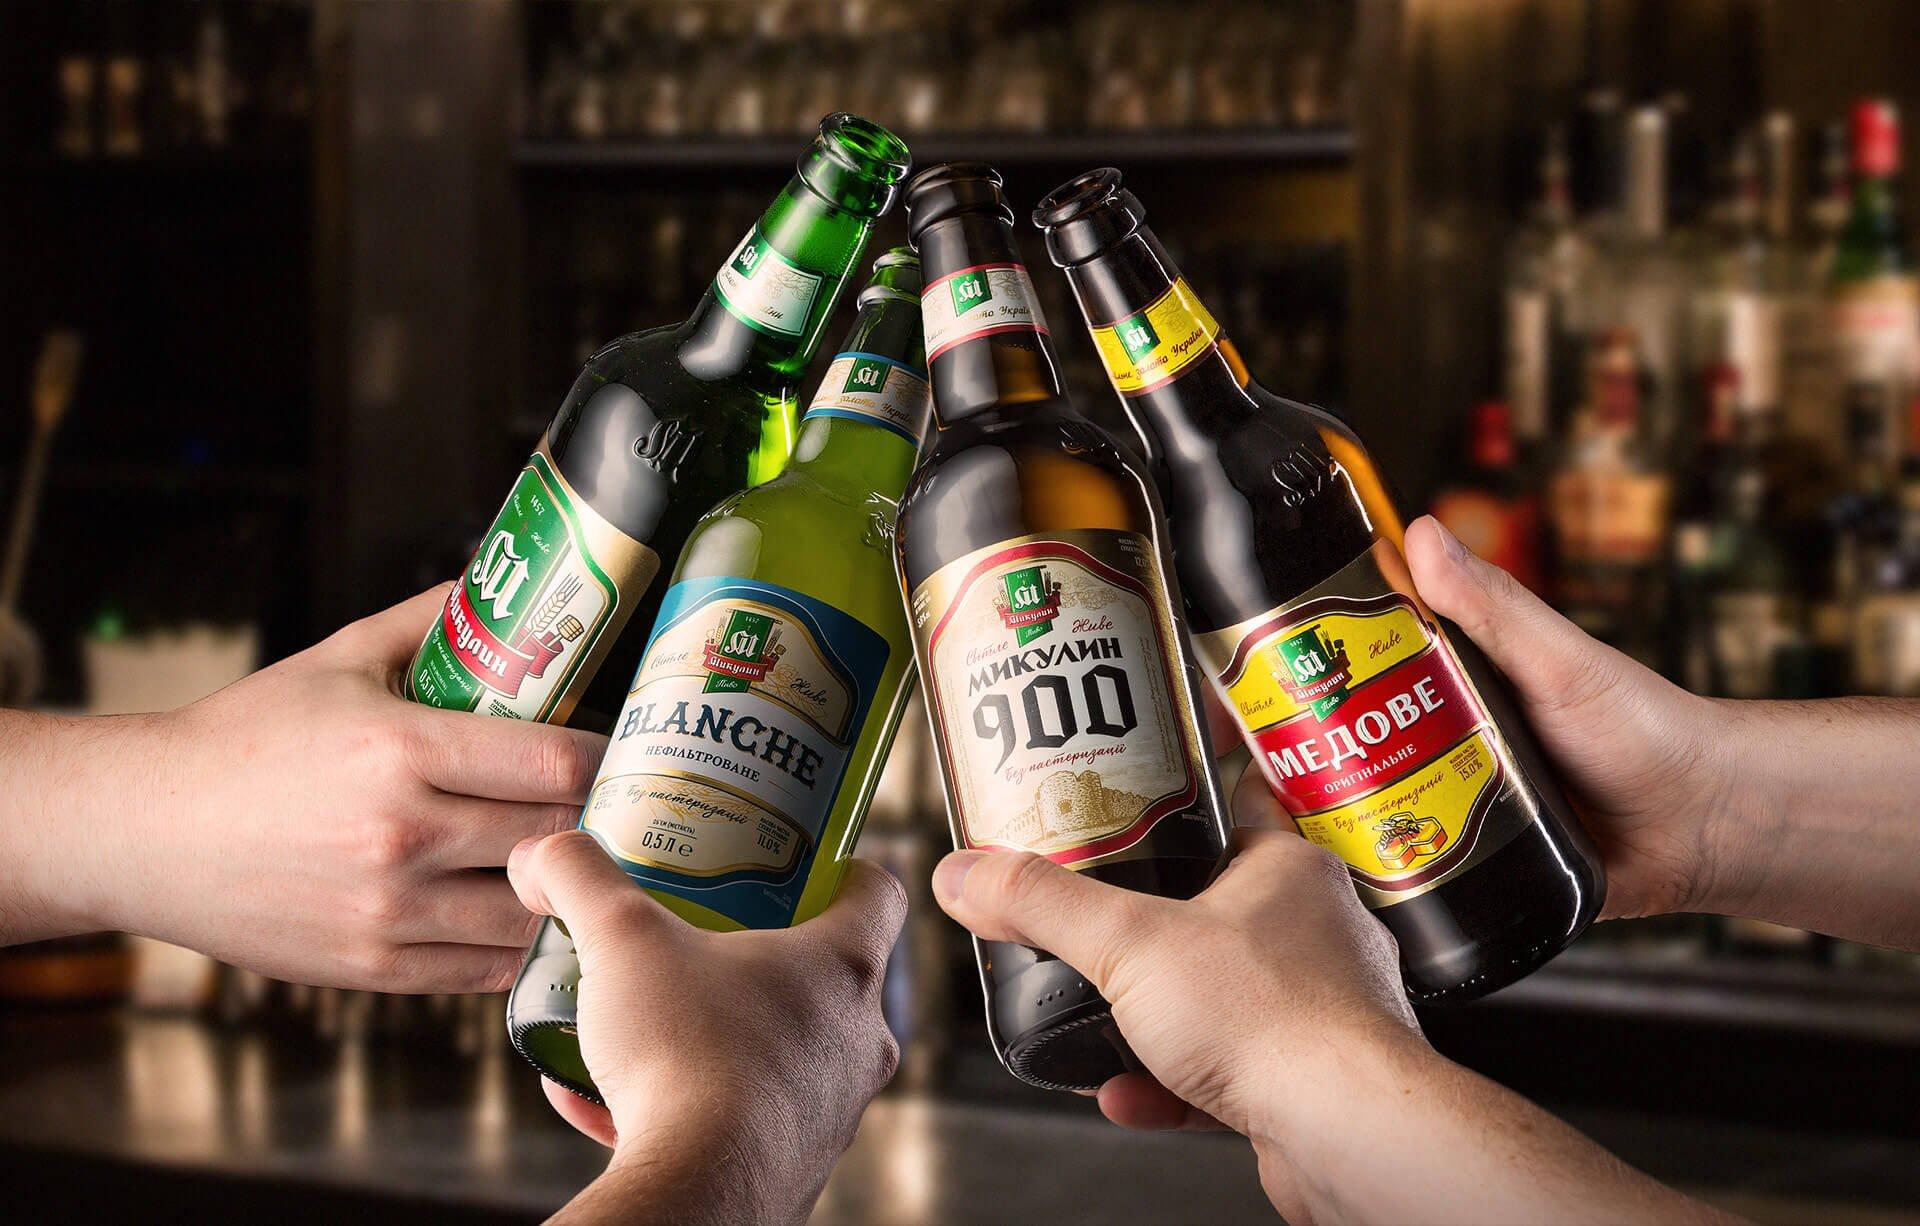 Микулинеьце пиво — пио на будь-який смак! Будьмо!